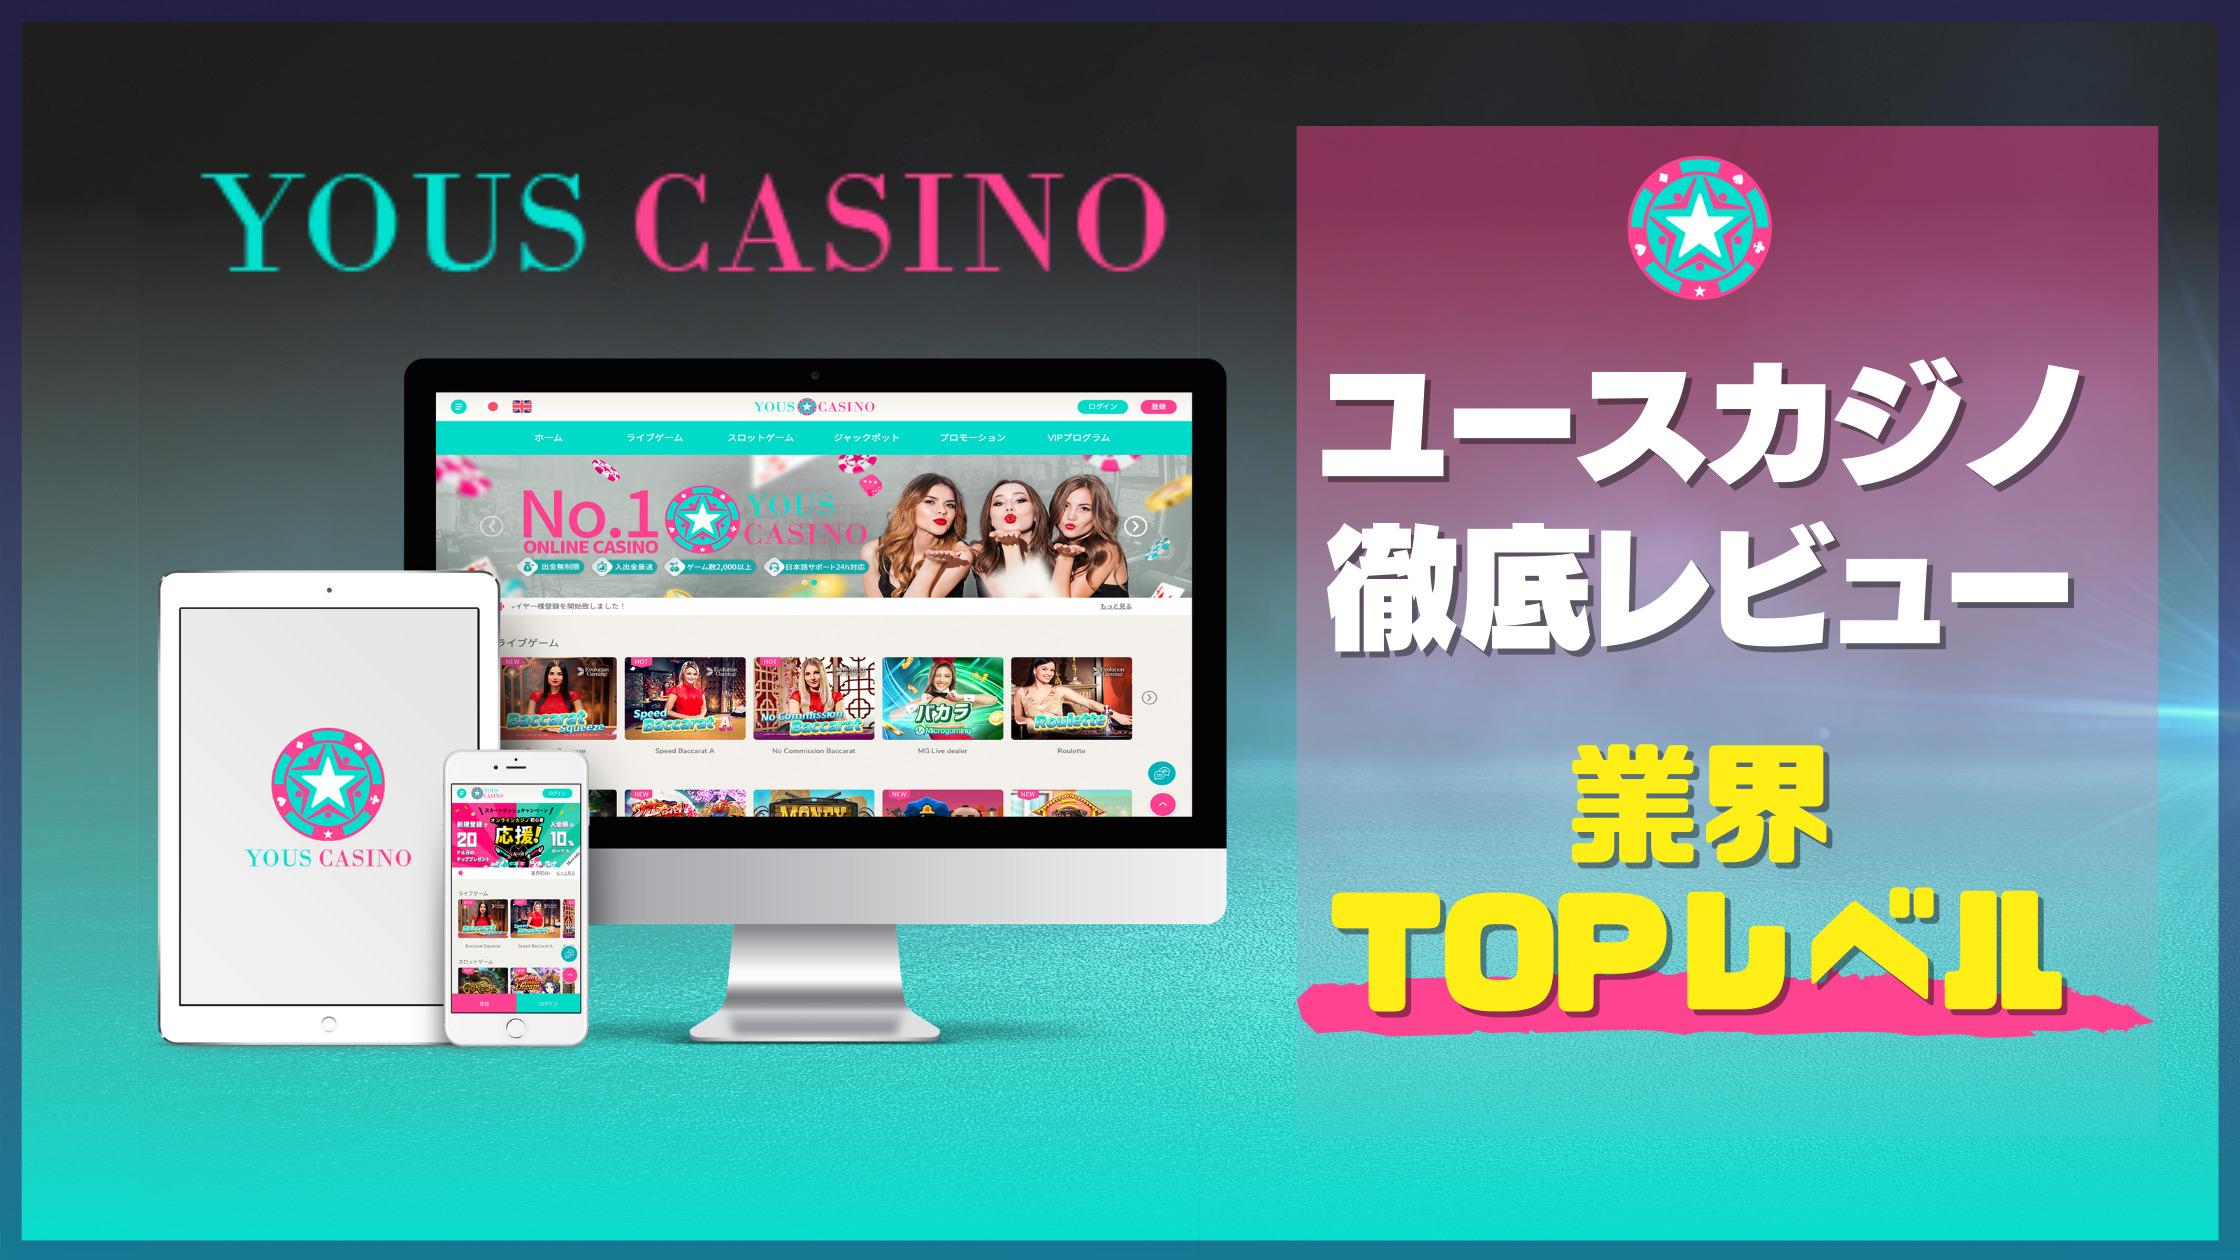 【ユースカジノ】入金ボーナスやオススメポイントなど徹底レビュー!